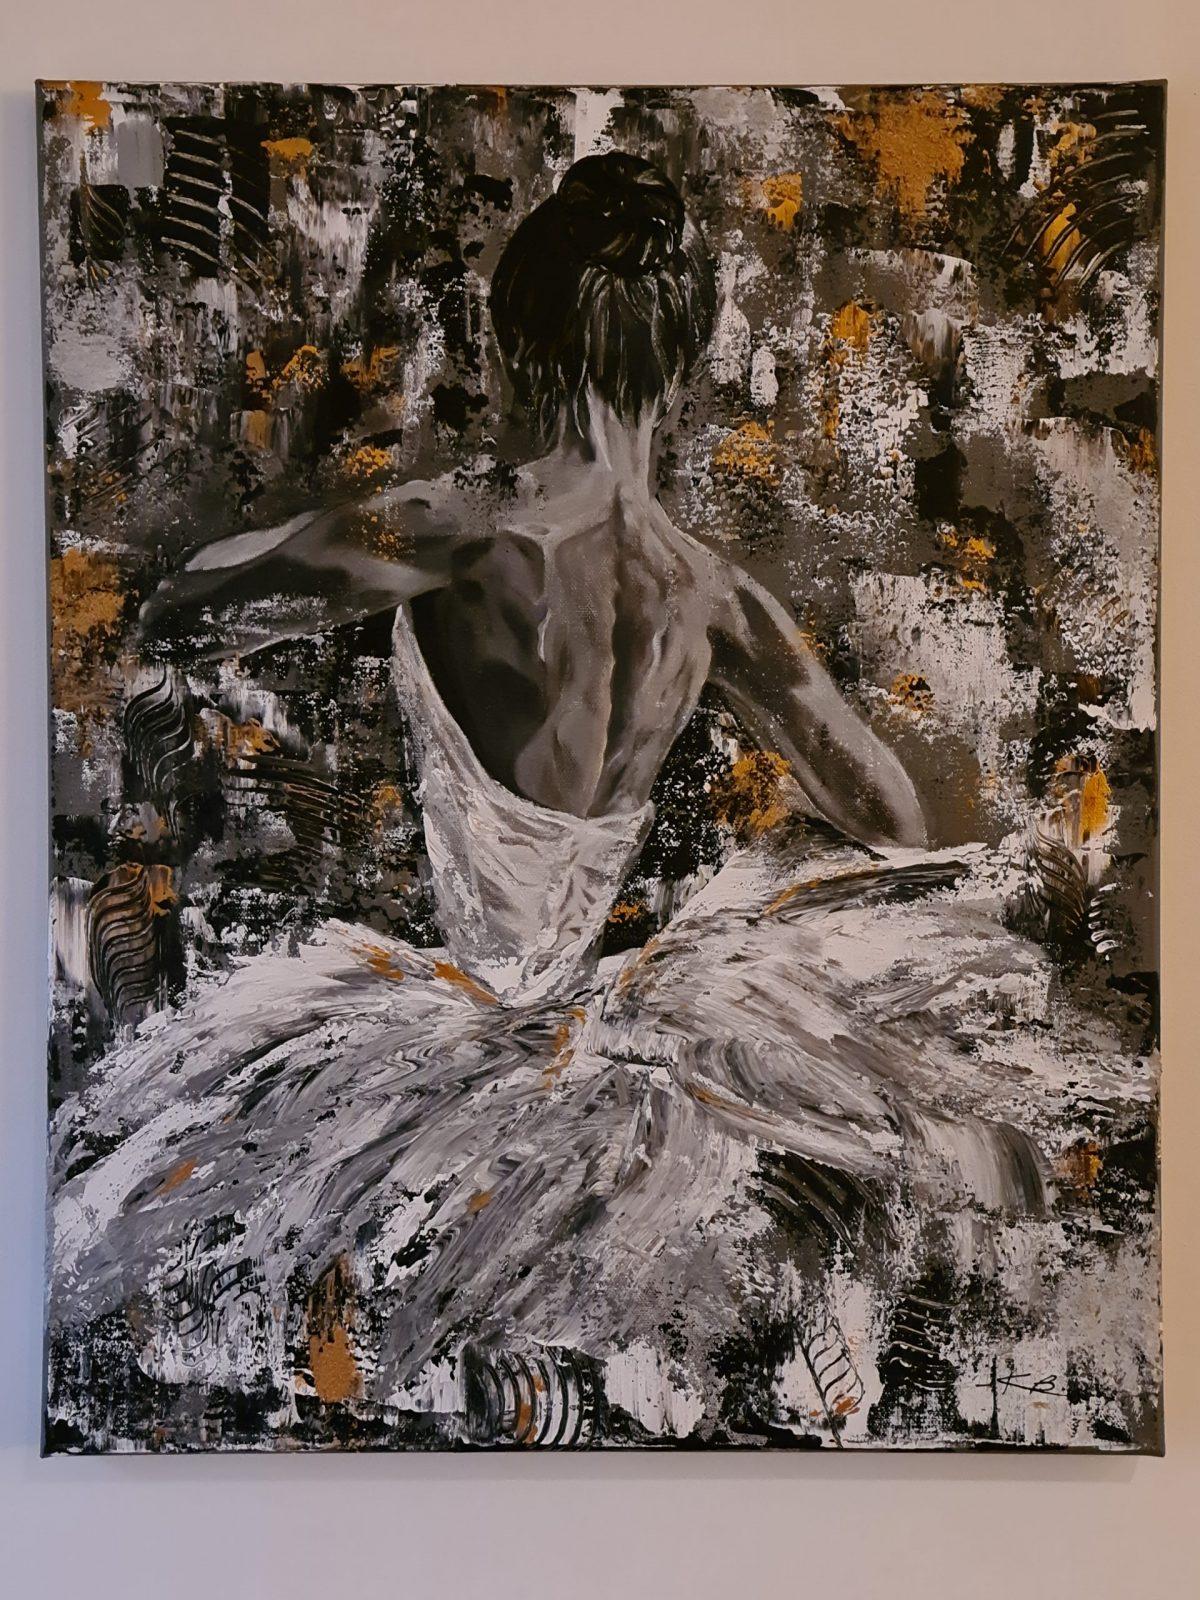 Ballerine, tableau entier, affiché sur le mur, acrylique sur toile